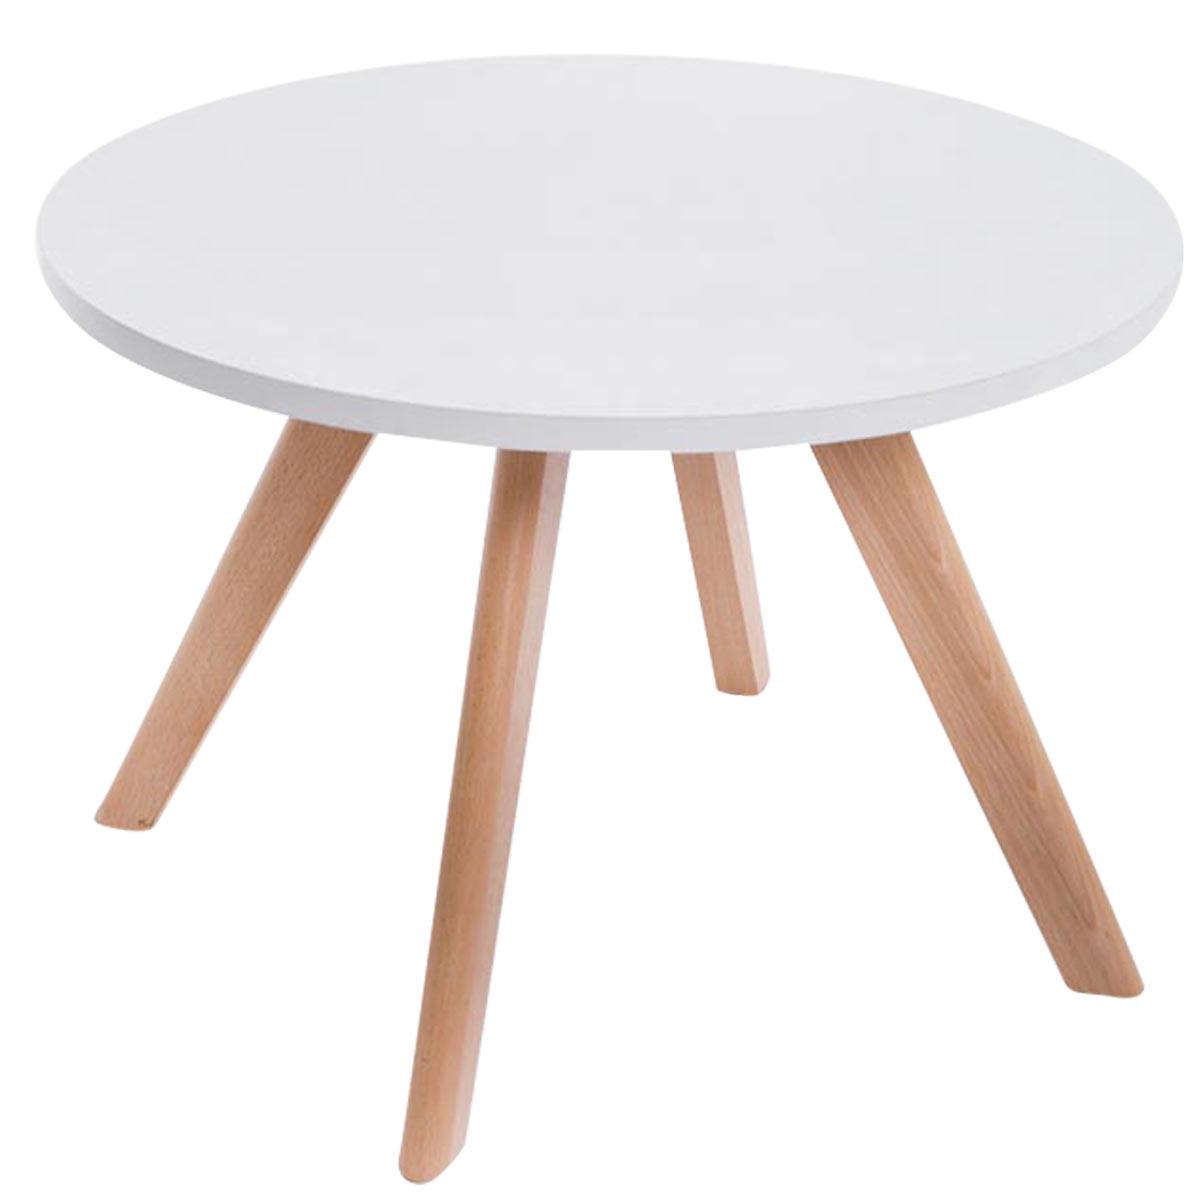 design tisch eirik holz wei couchtisch wohnzimmertisch. Black Bedroom Furniture Sets. Home Design Ideas